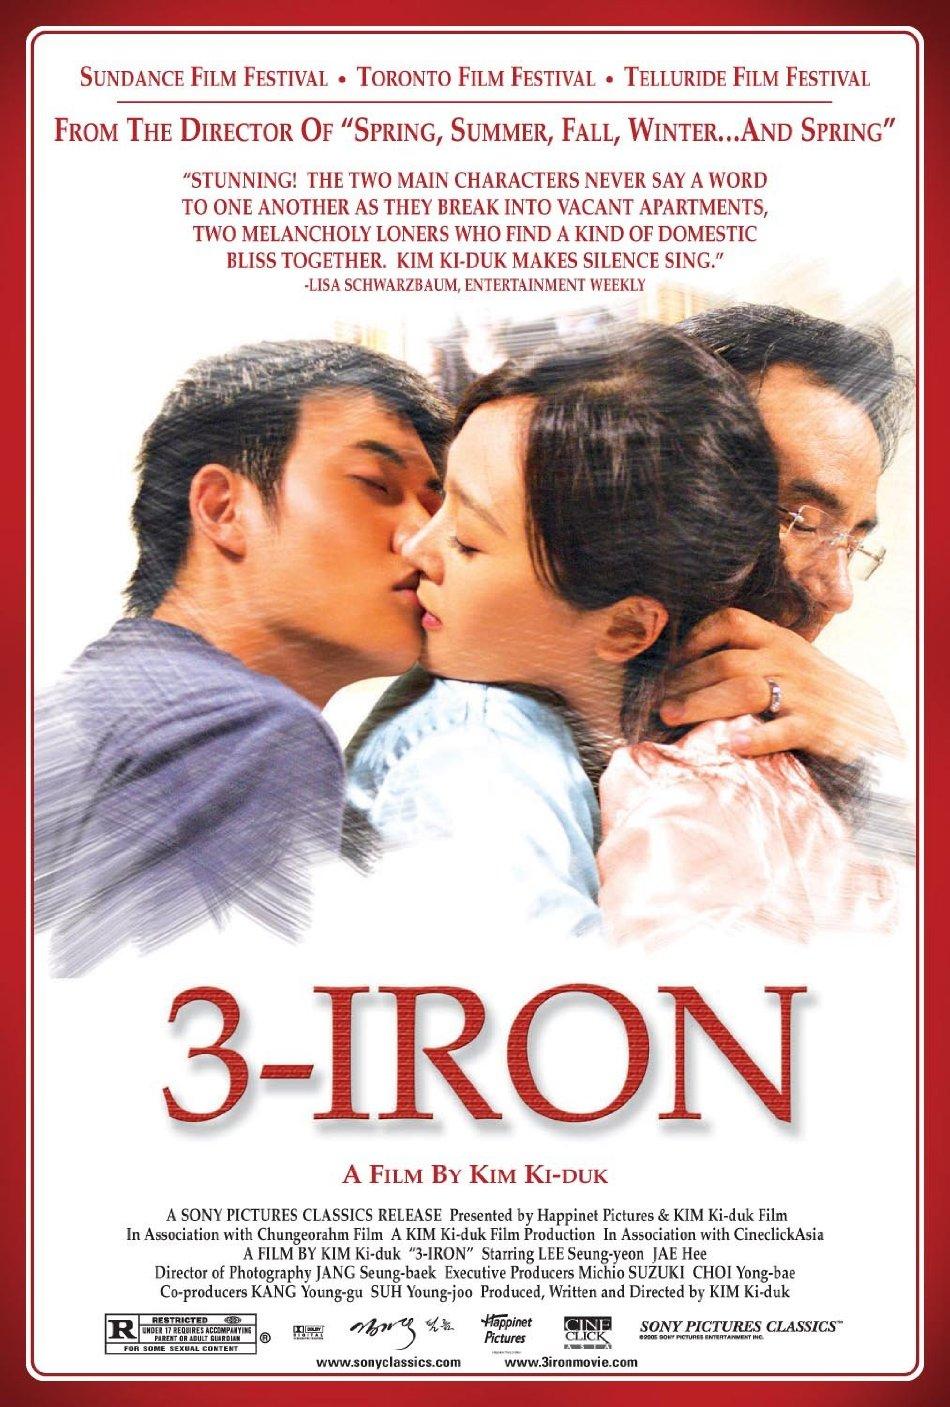 15. 3-Iron